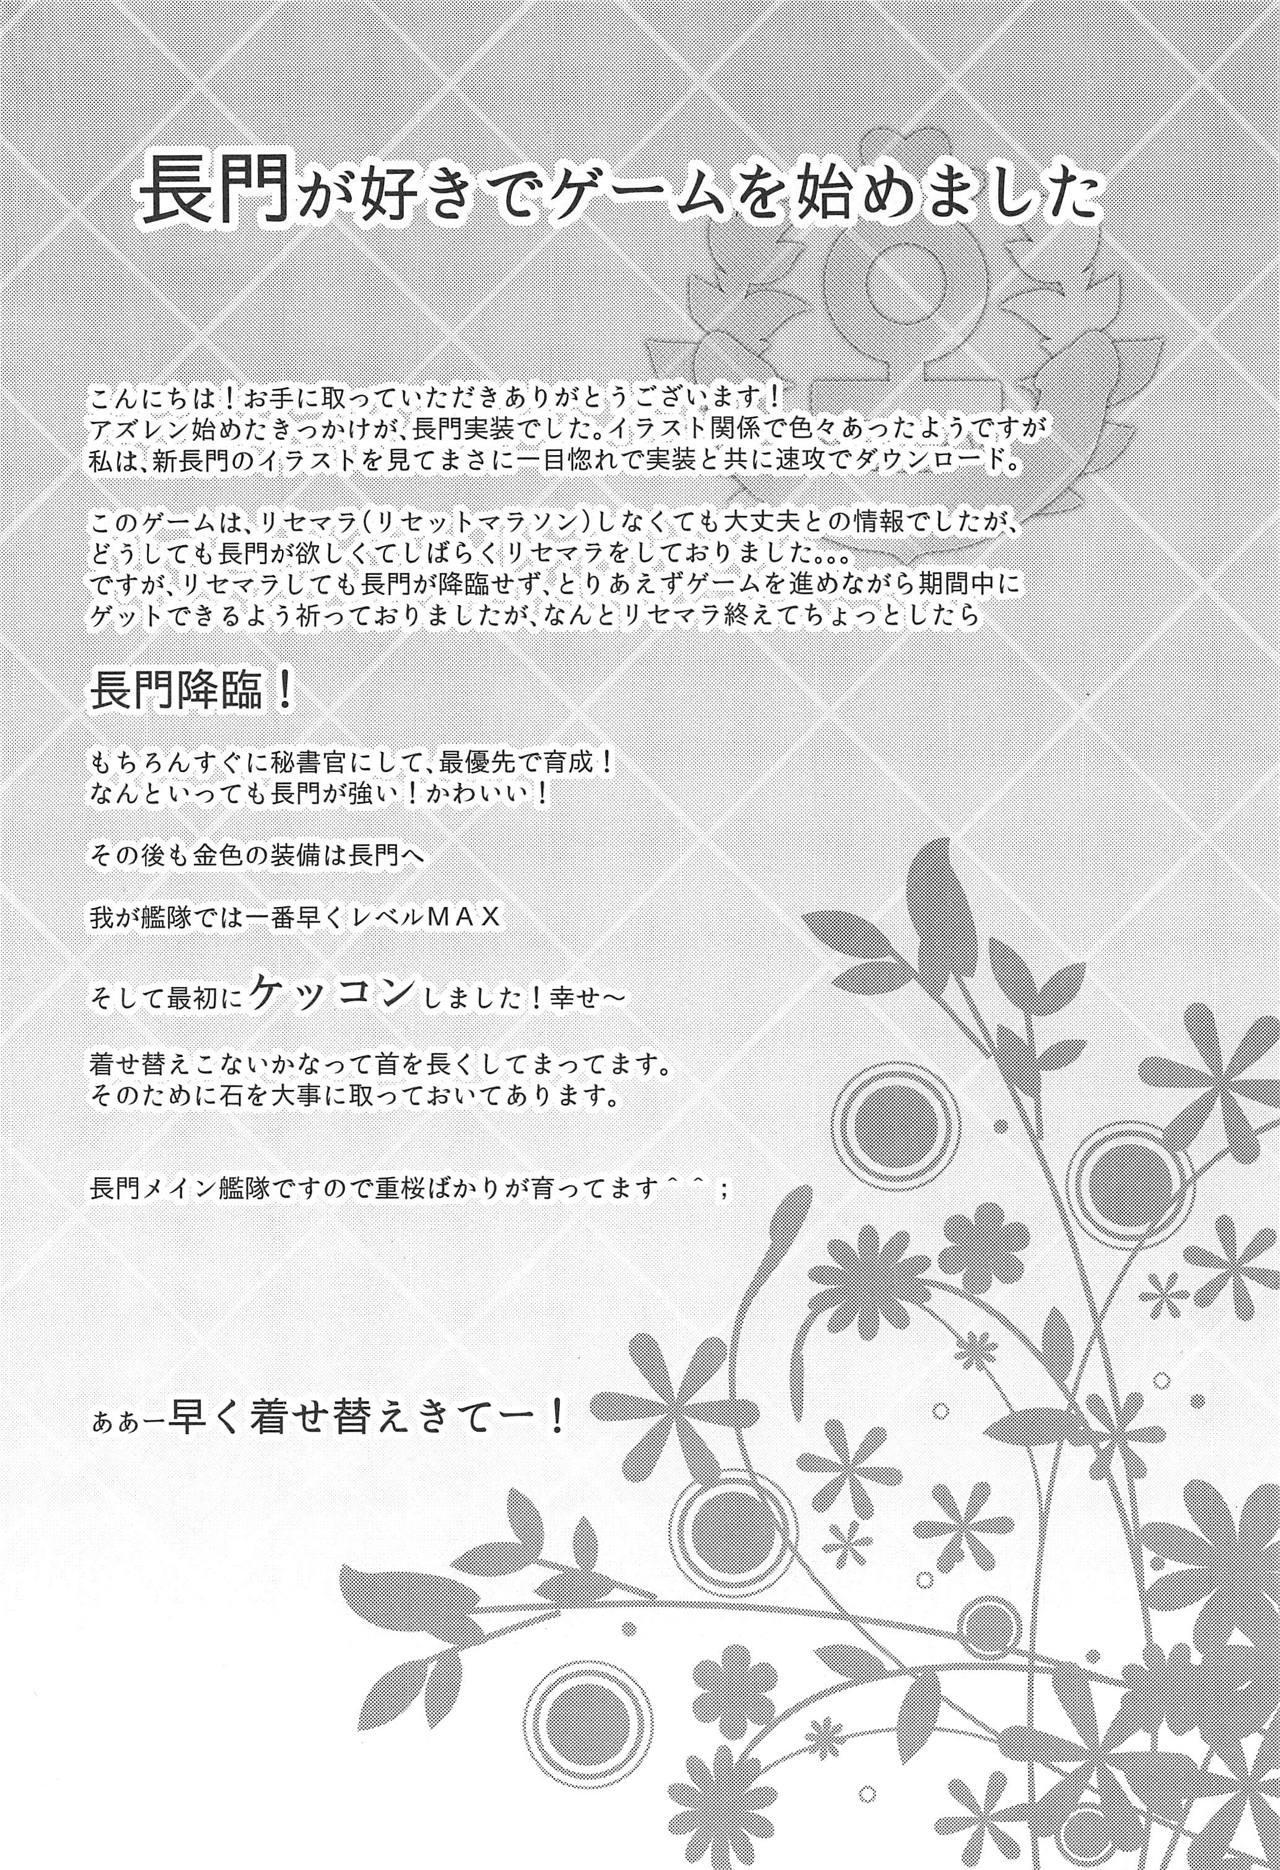 Koukando 100 dakara Nagato no Oshikko Mite Kekkon Suru 2